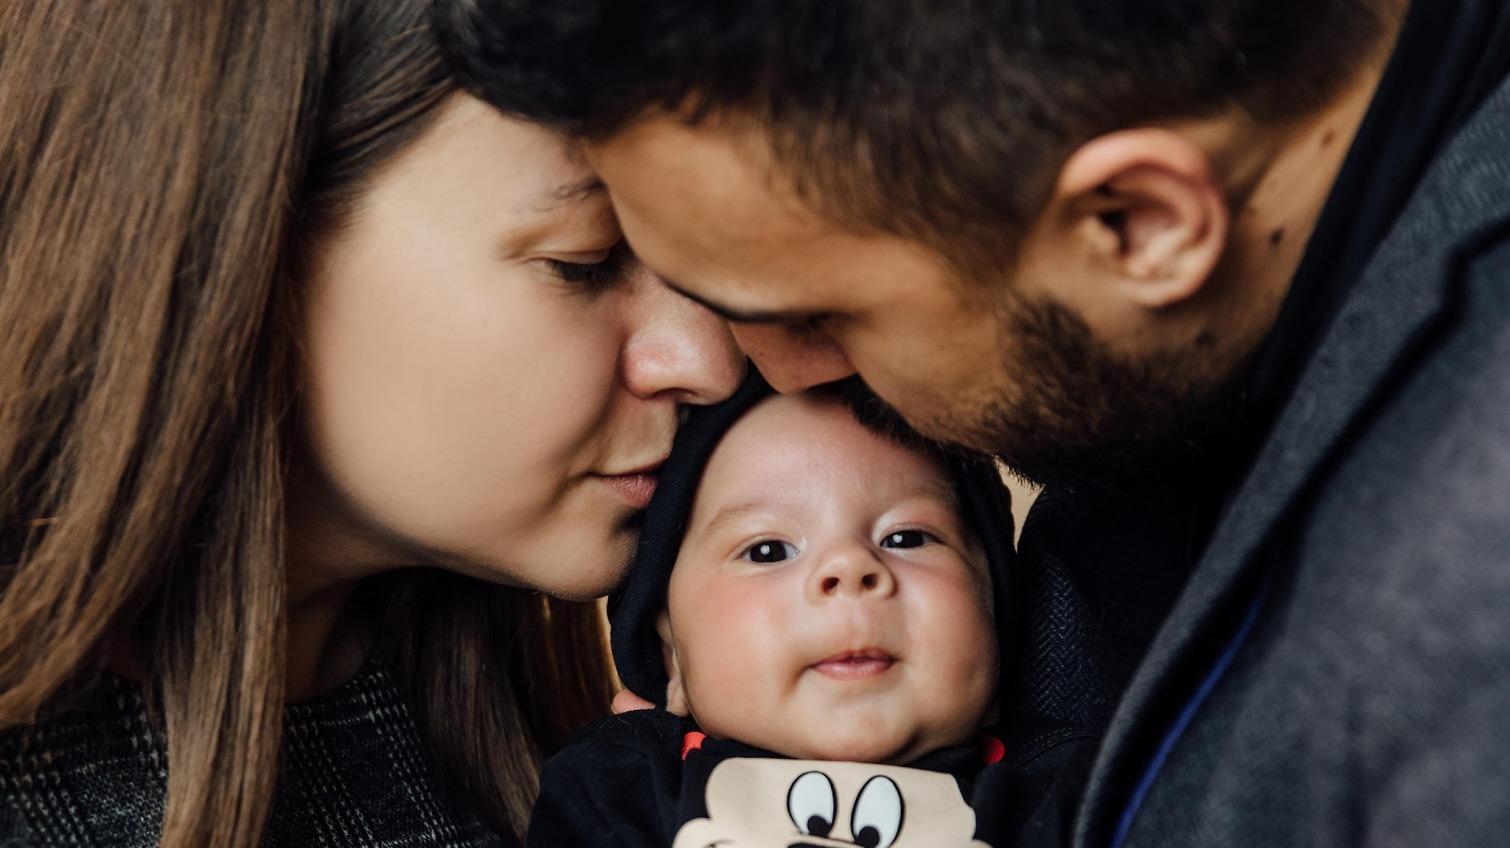 «Диме 4 месяца, но он не держит голову и плохо ест», – осталось 7 недель, чтобы спасти малыша «фото»